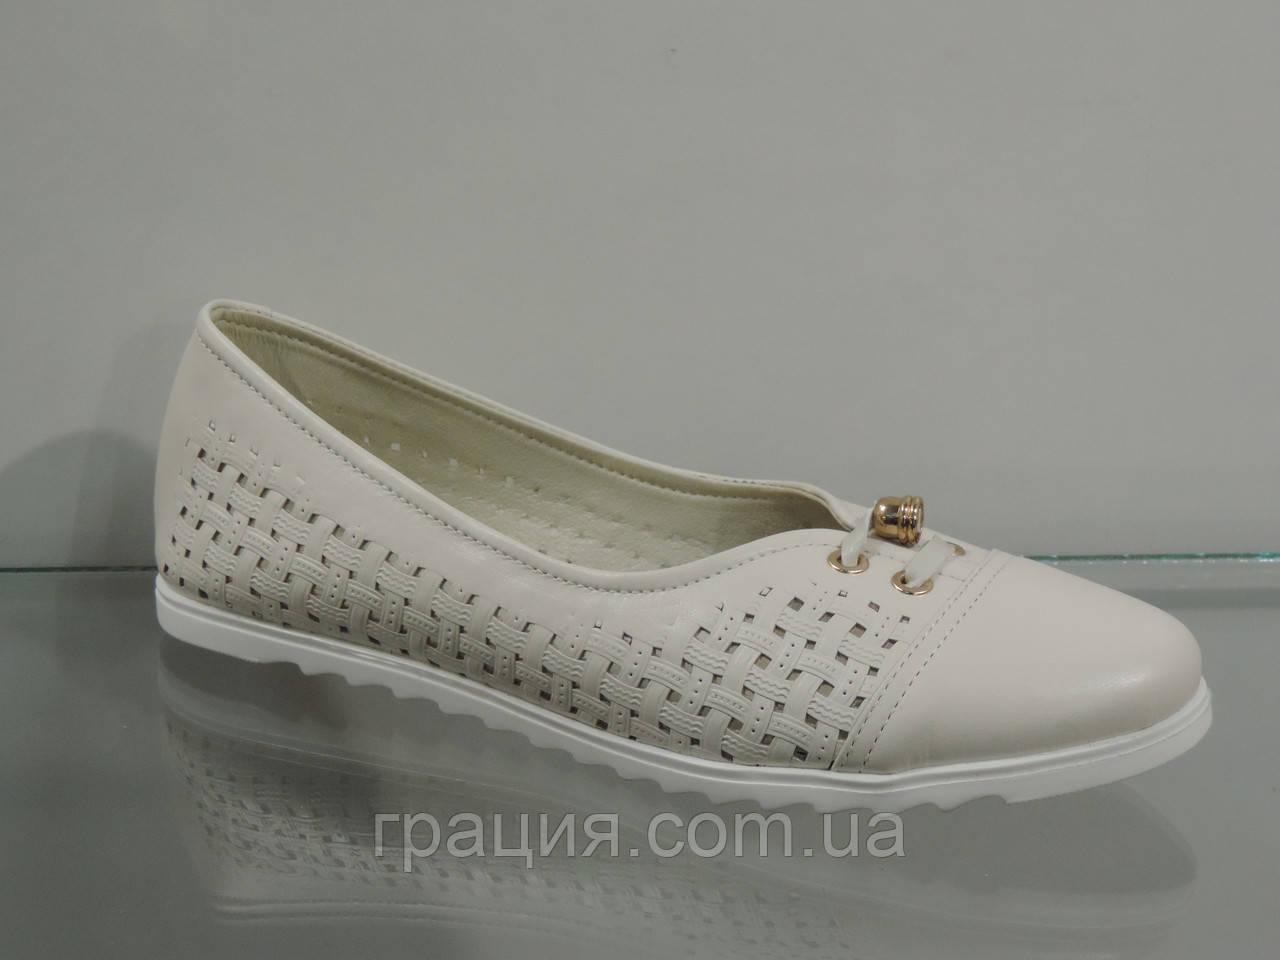 Мягкие удобные женские туфли из натуральной кожи